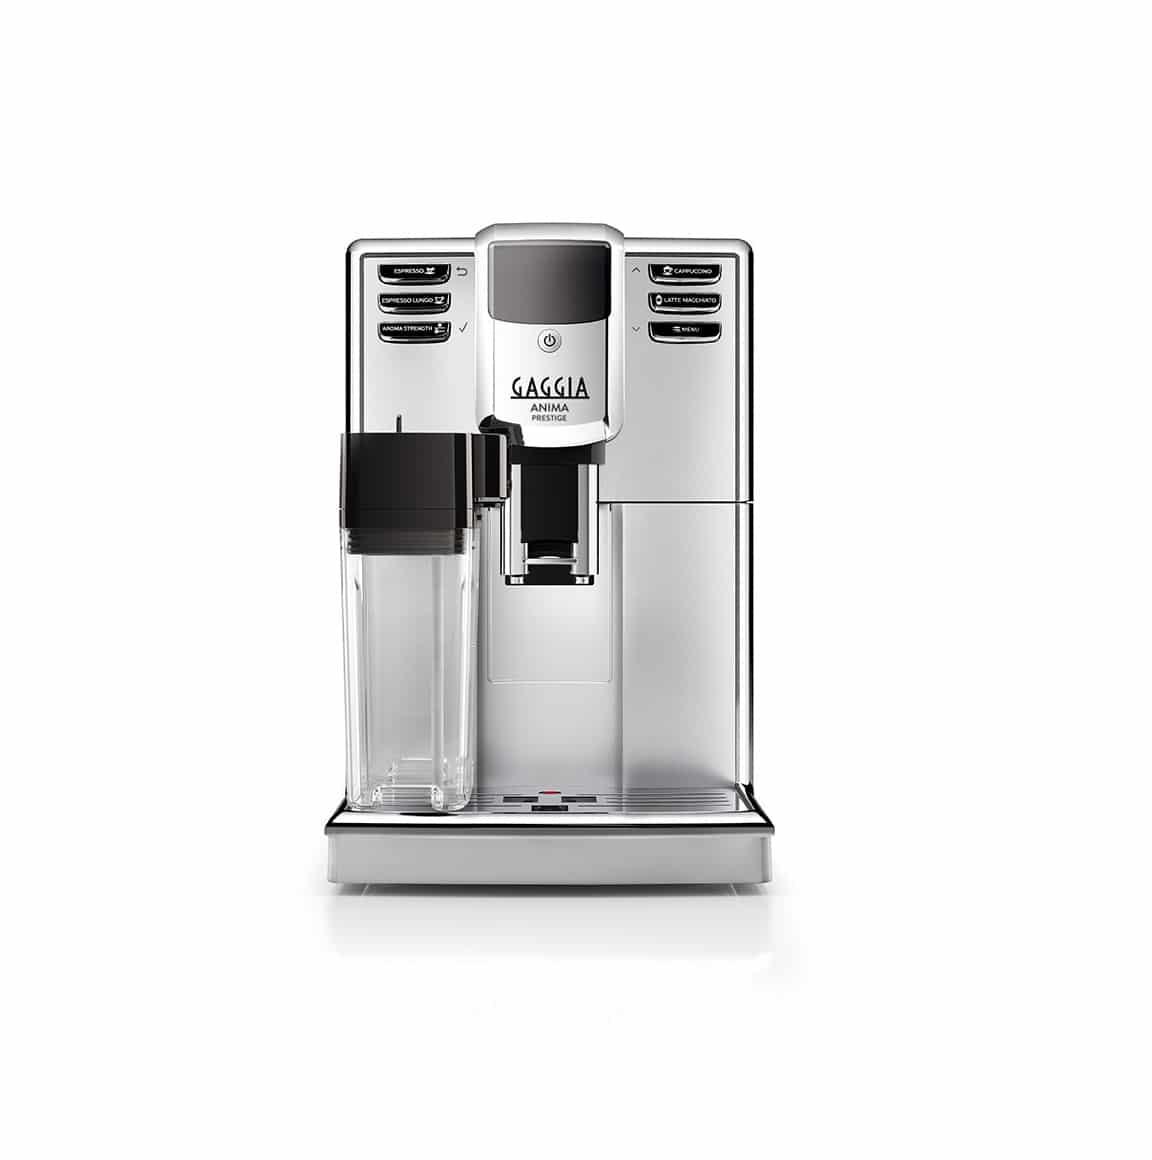 6202c8455 Gaggia Anima Prestige Coffee Machine